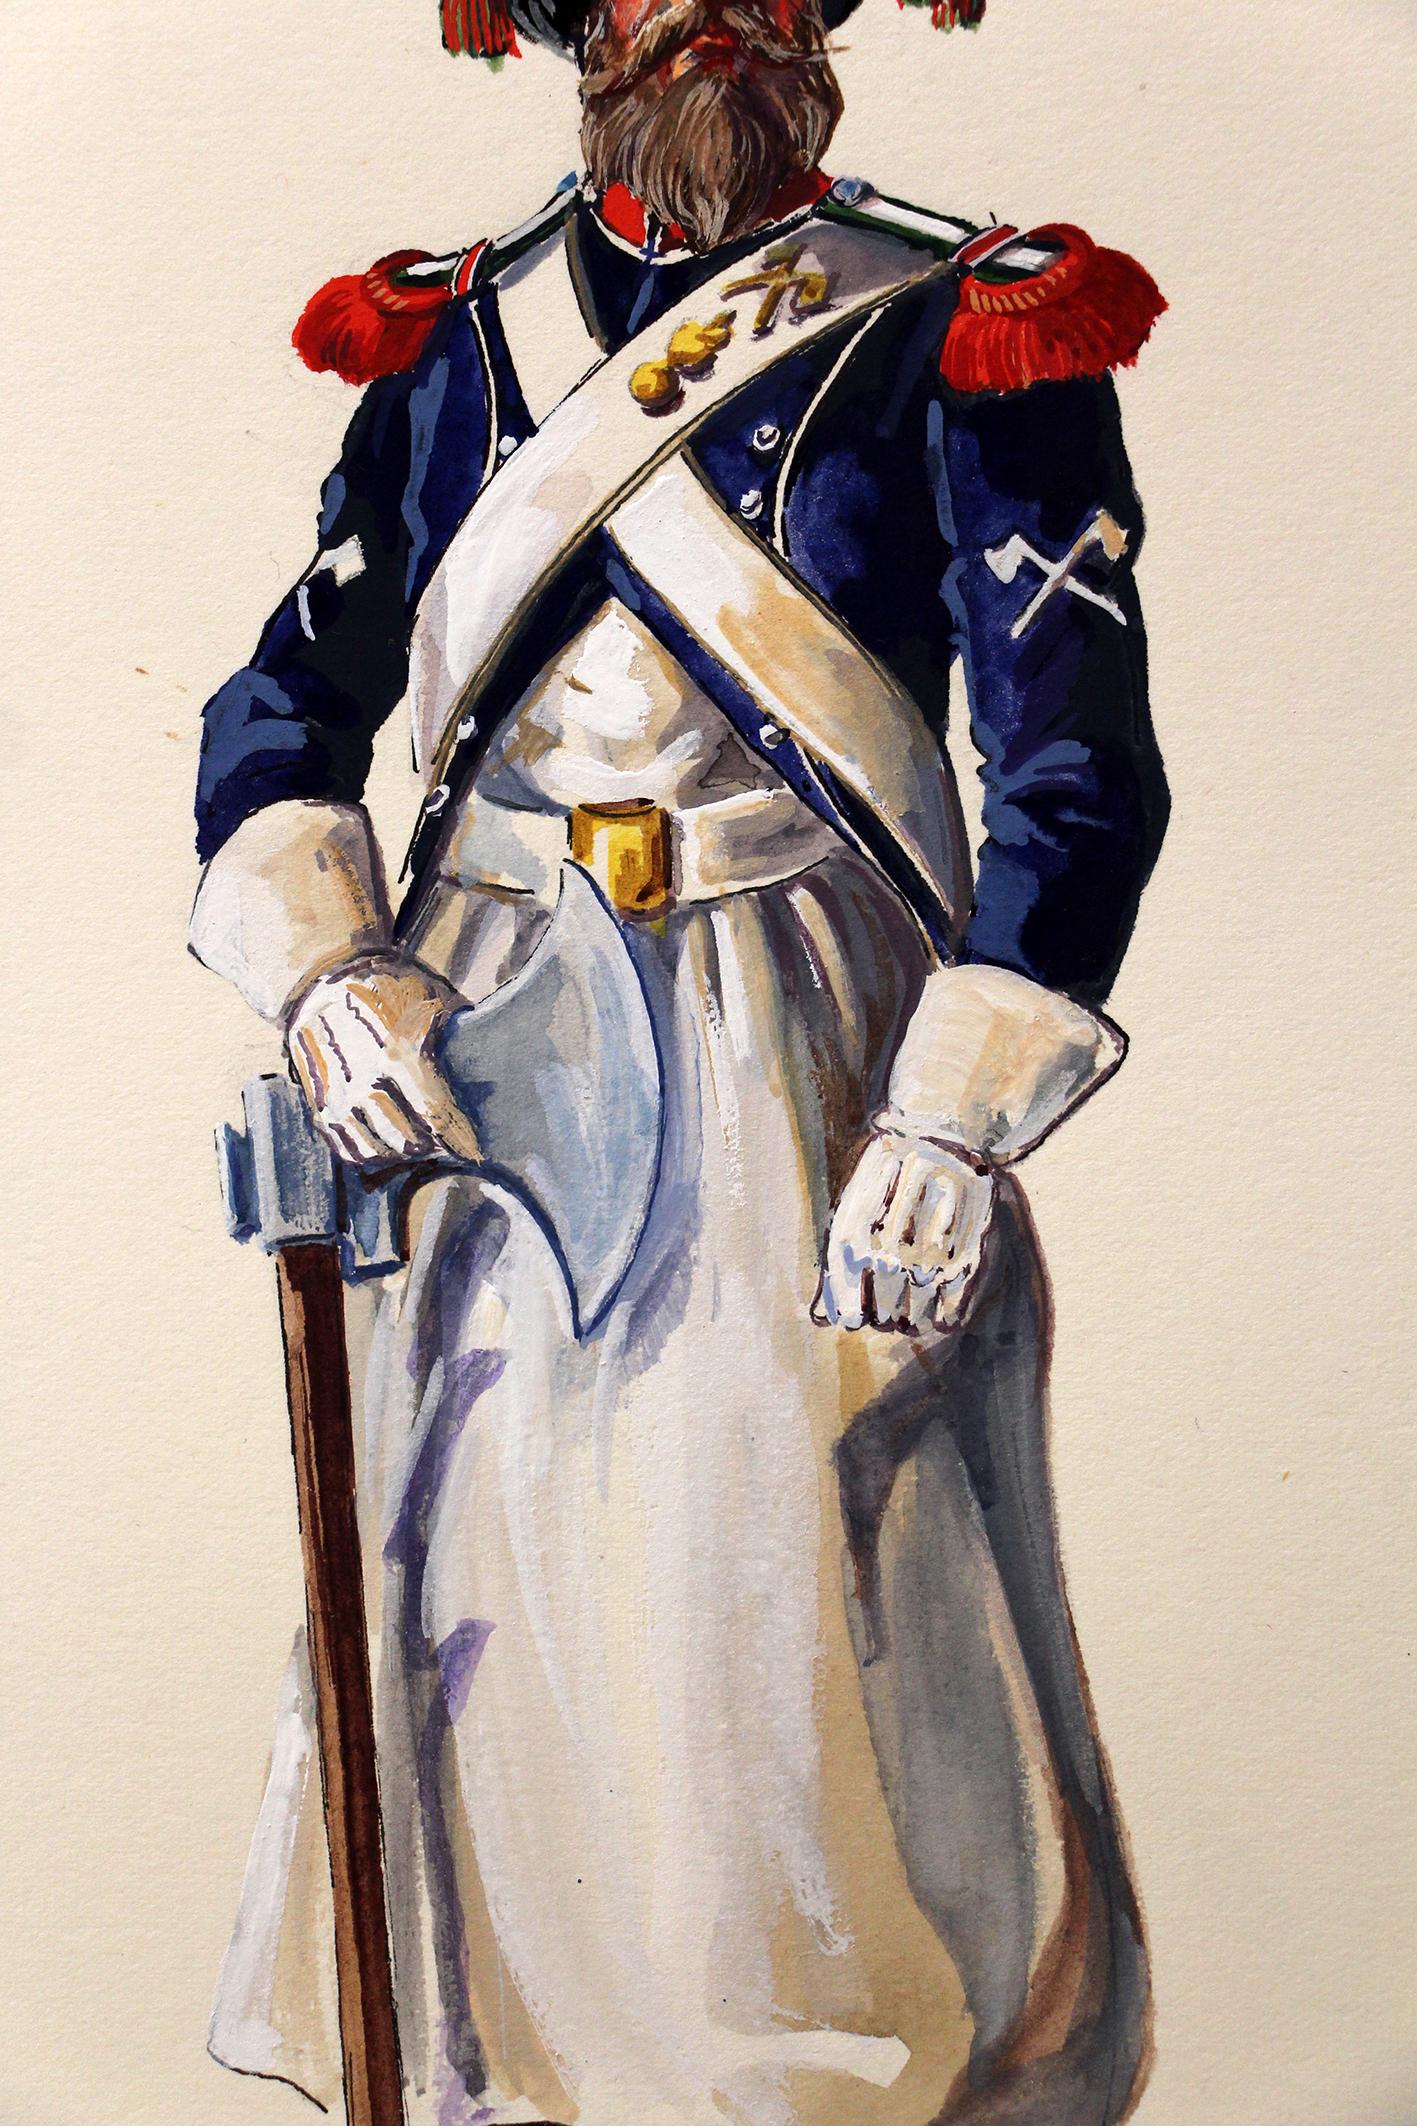 Superbe et Grande Peinture Encre et Gouache originale - Henry Boisselier - Sapeur d'infanterie légère - Camp de Dresde - 1er Empire - Napoléon 1er